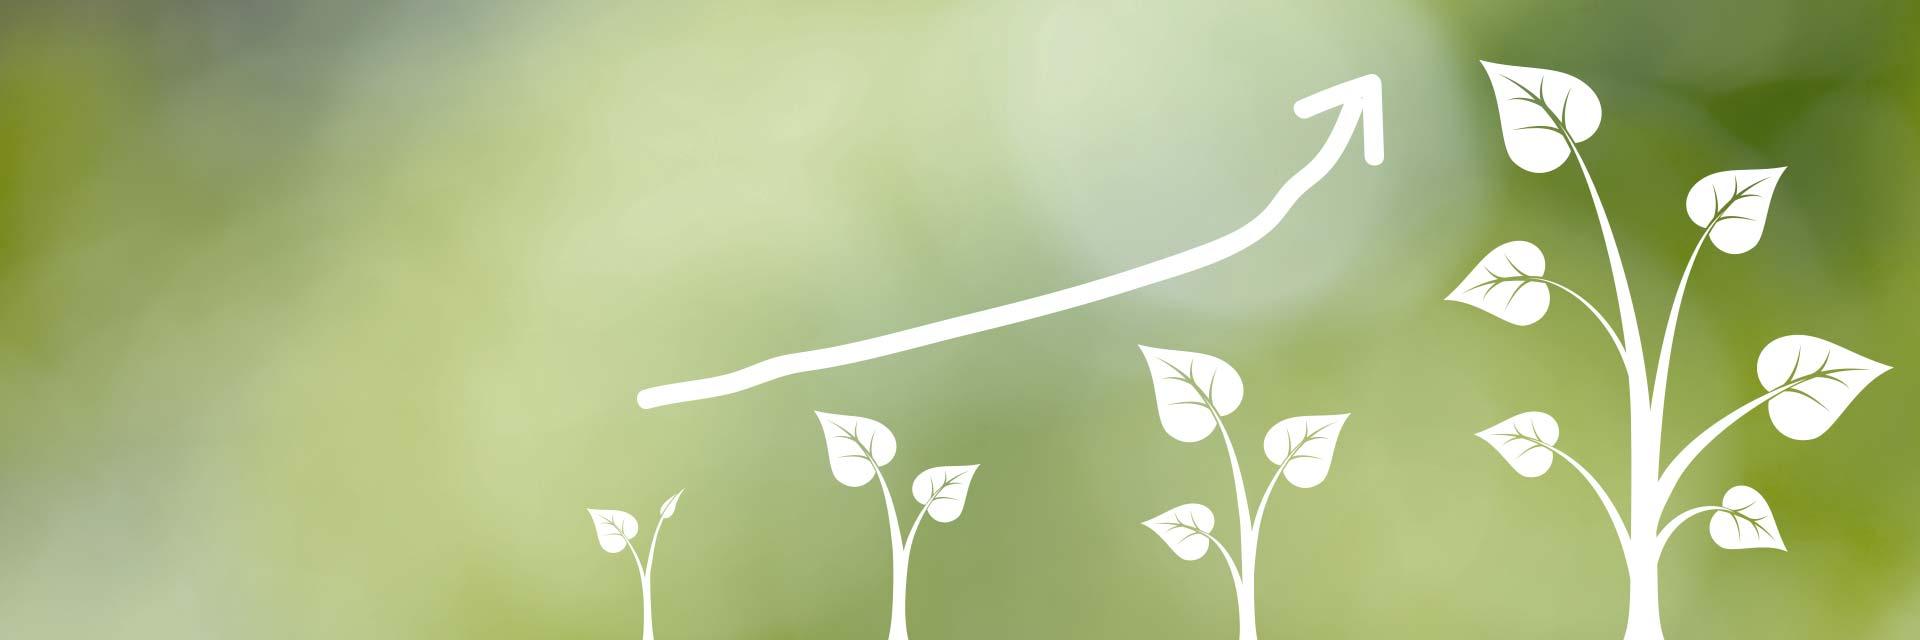 workshops för att öka försäljning illustrerad av växande träd med pil för tillväxt och lönsamhet